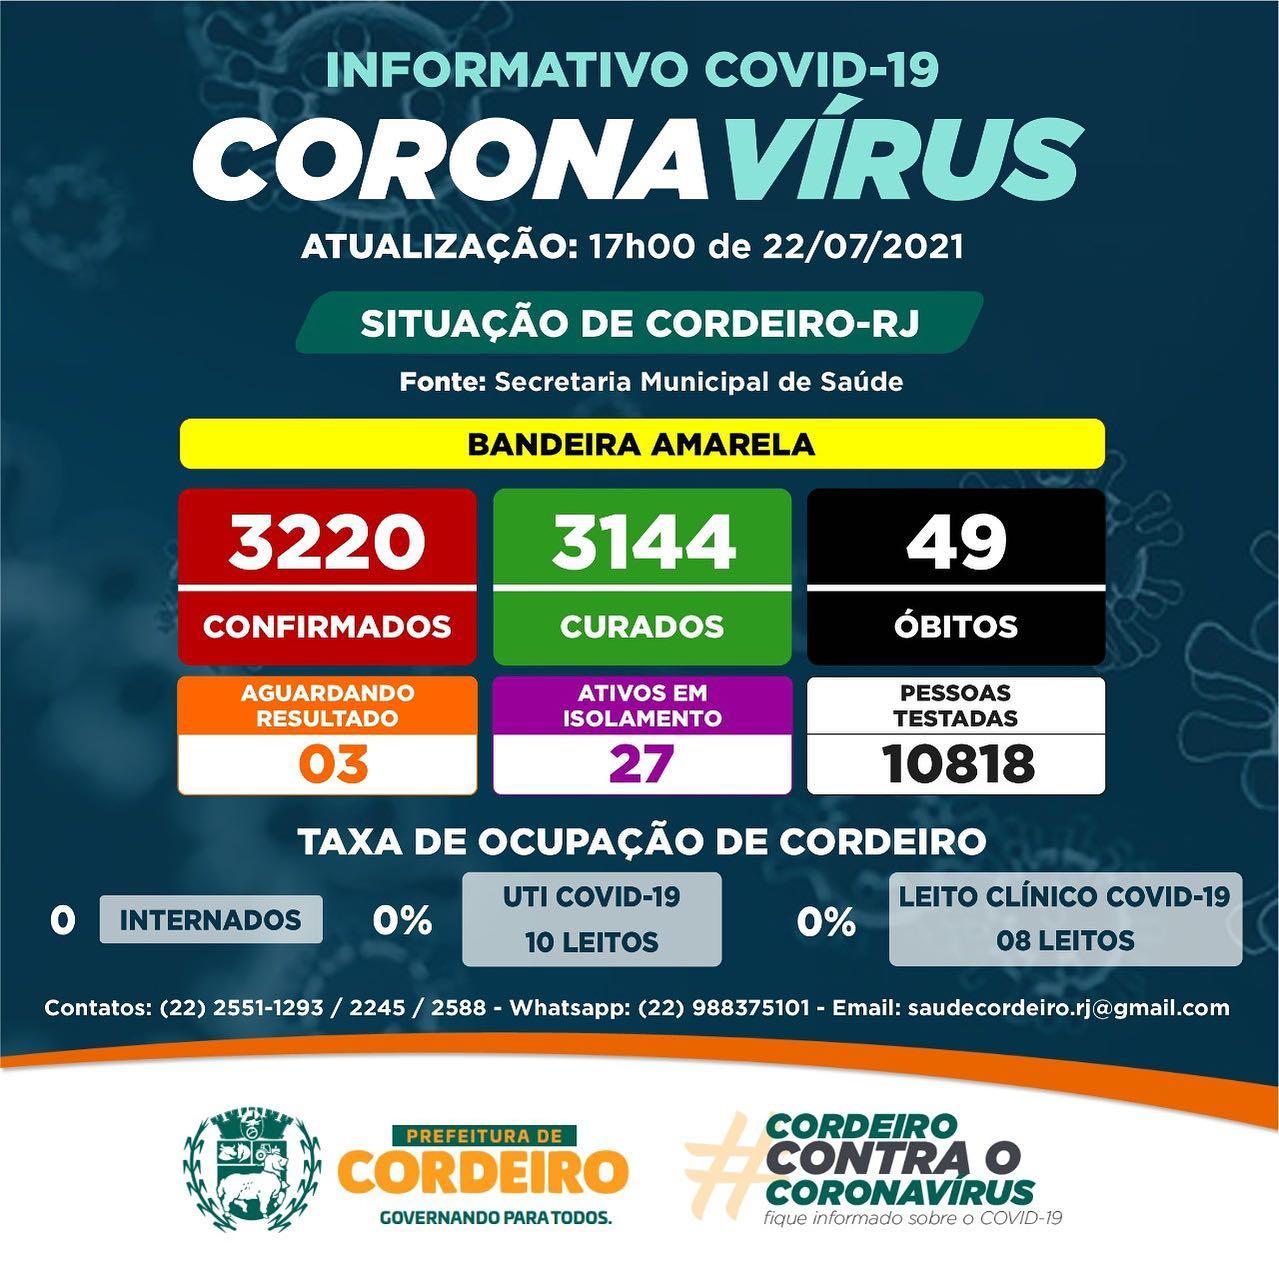 Cordeiro zera internações por Covid-19; municípios sentem efeito da vacinação